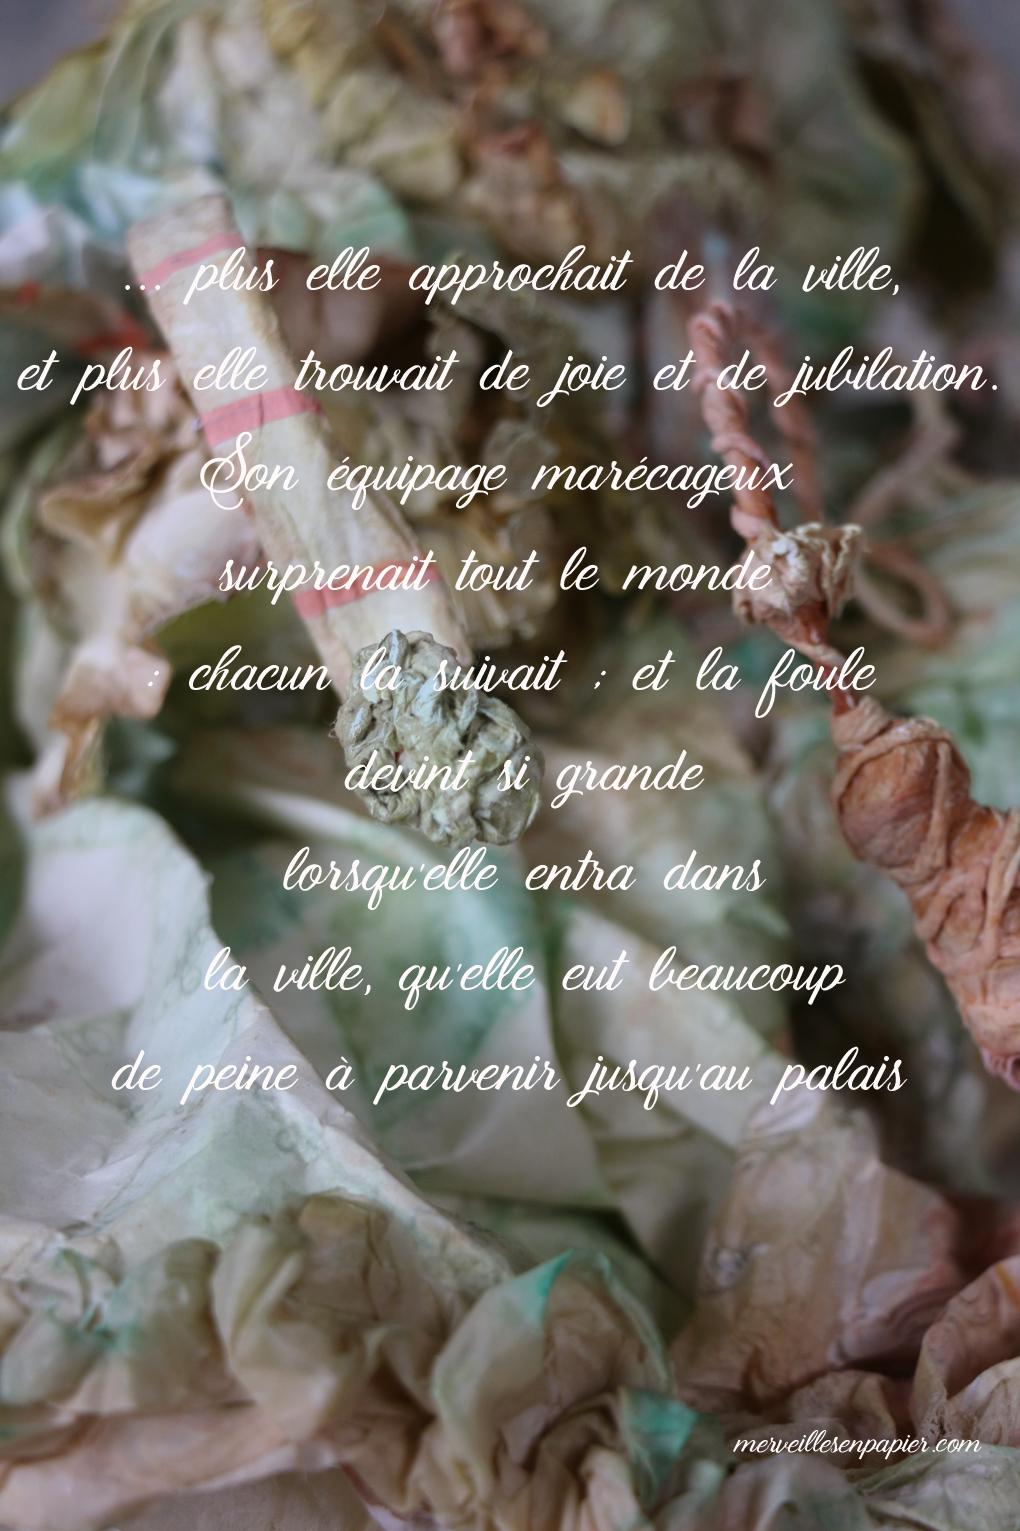 La grenouille Bienfaisante -Madame d'Aulnoy